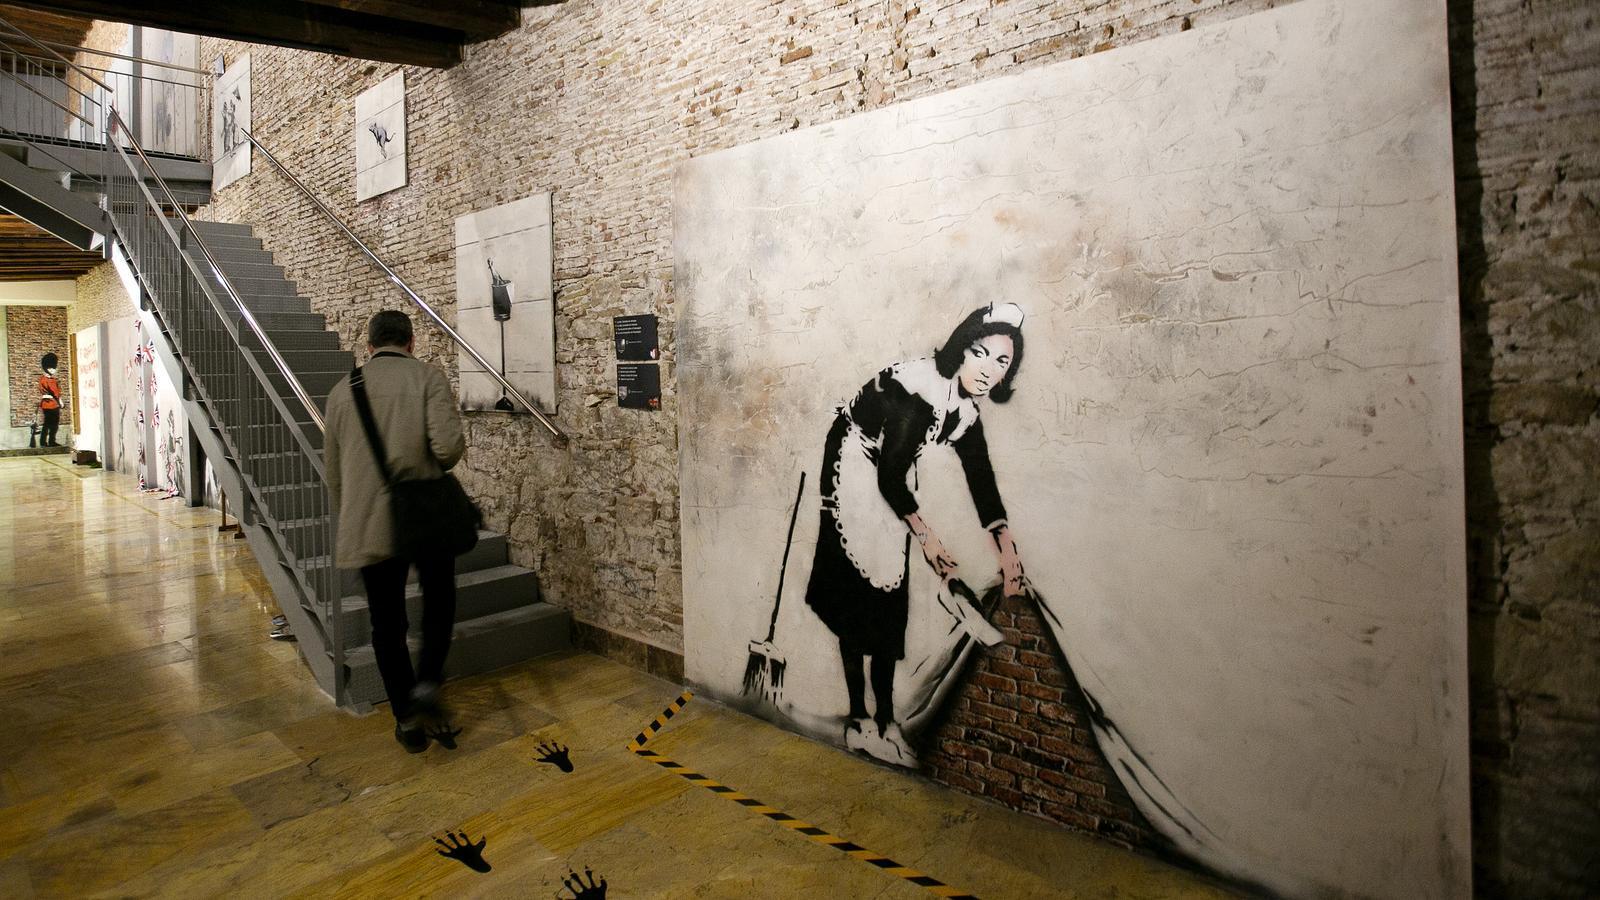 Les obres de Banksy ocupen les parets de l'Espacio Trafalgar